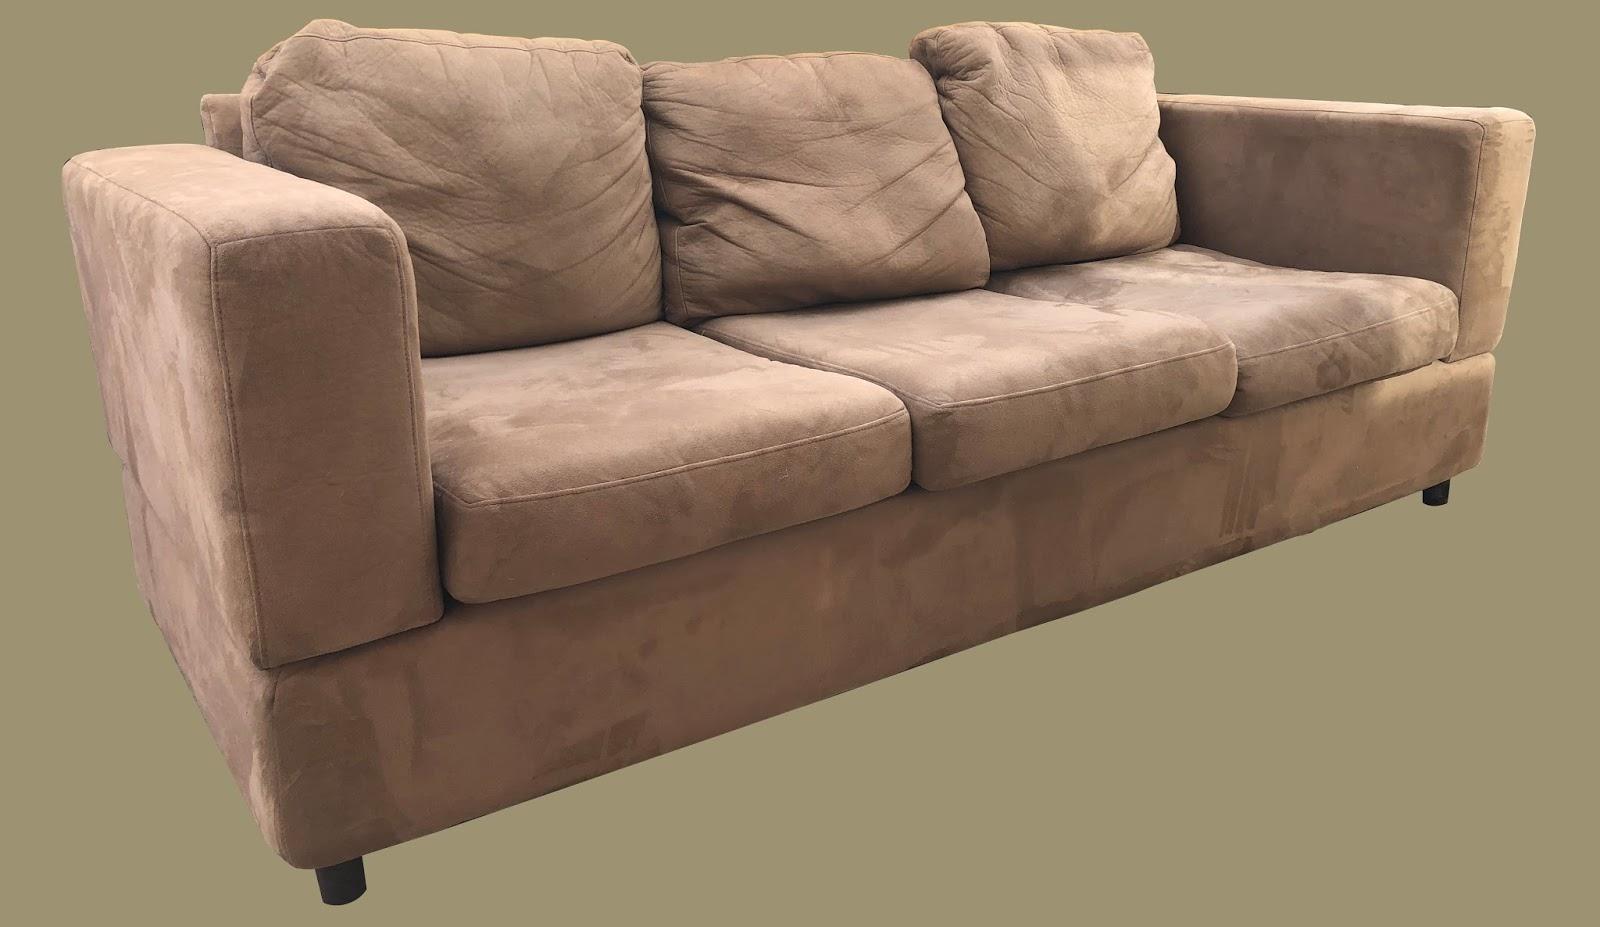 Tan Microfiber Sofa   $195